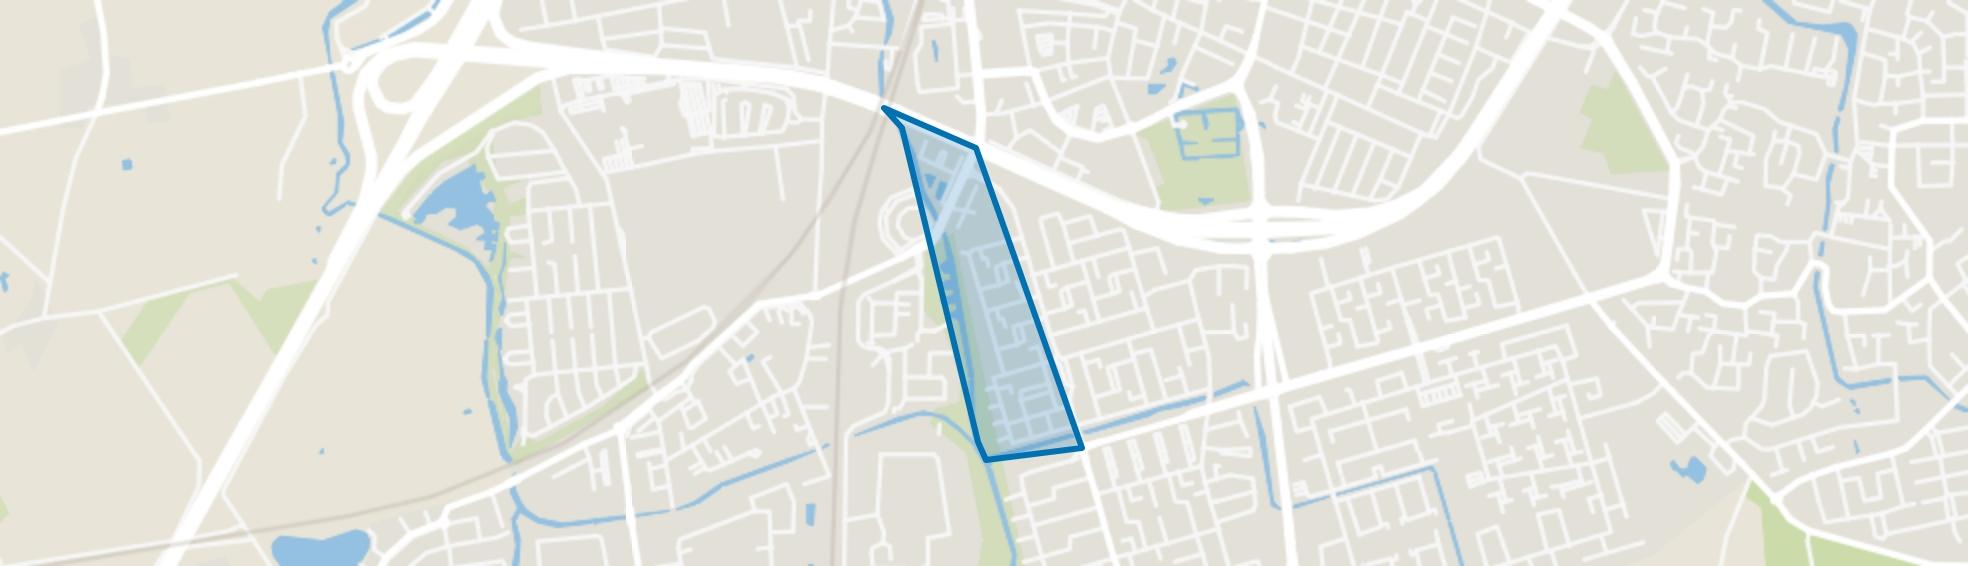 Kroeven-Noordwest, Roosendaal map